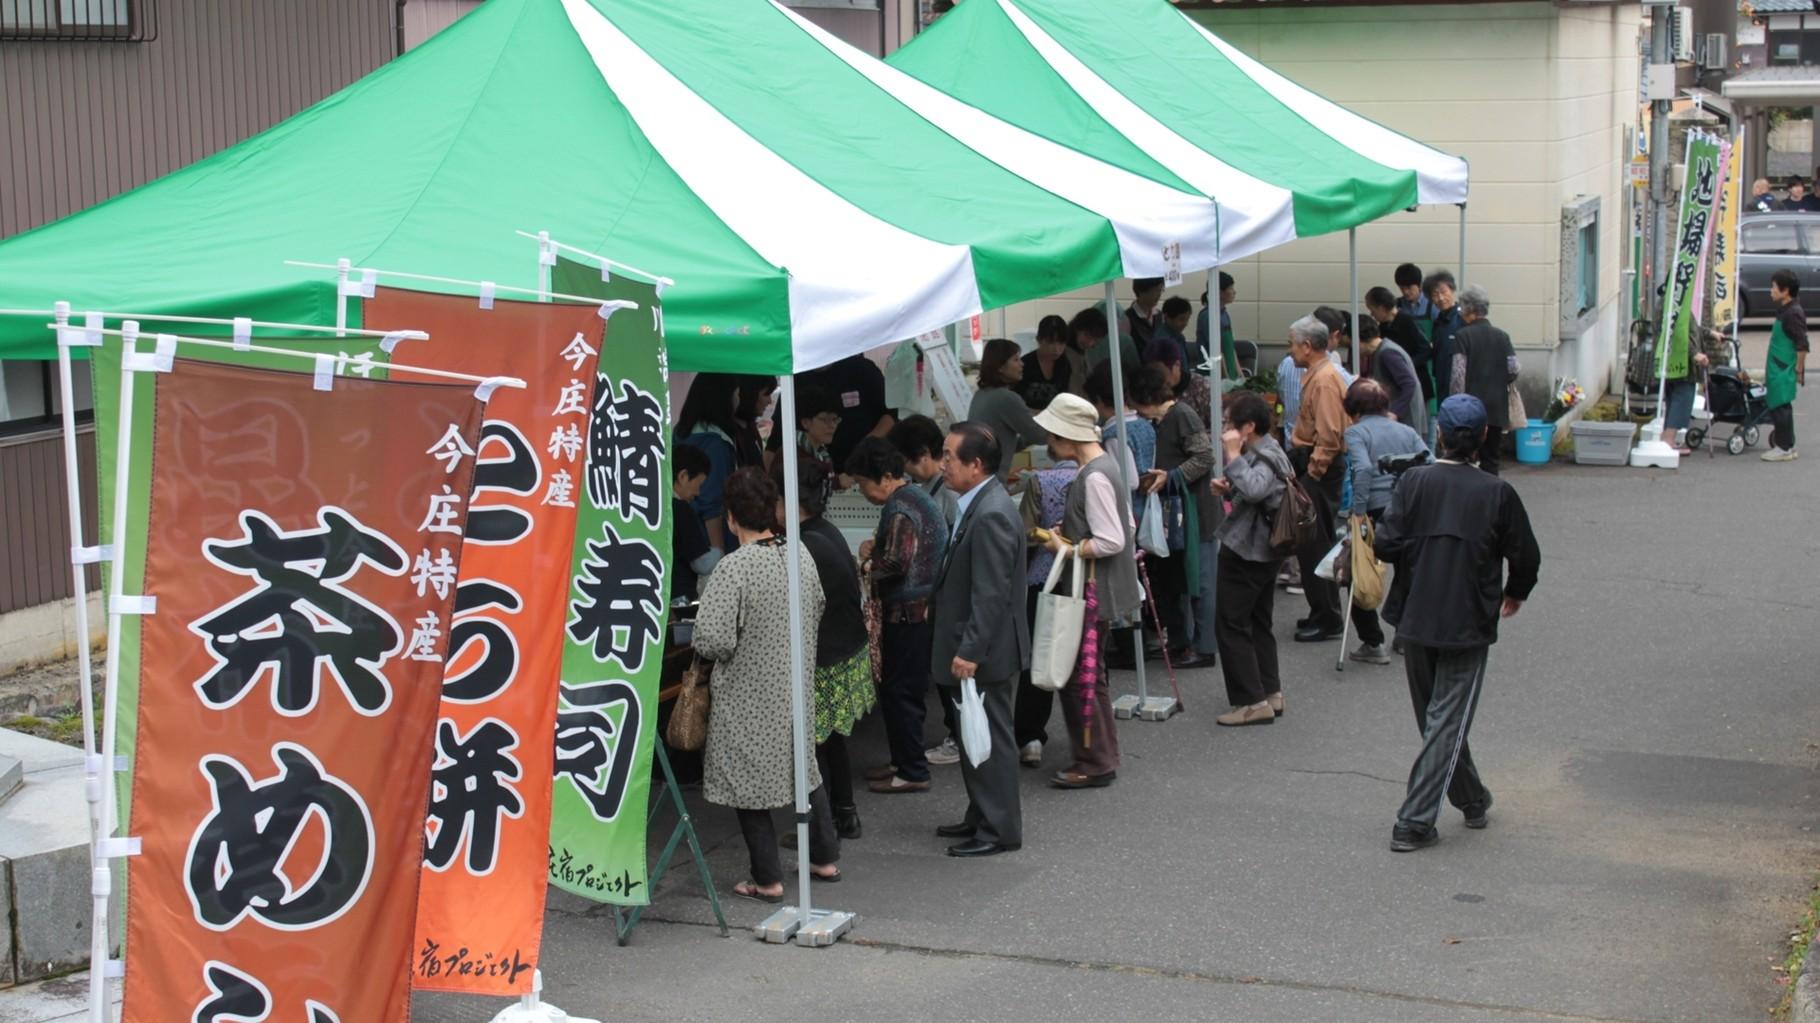 活動拠点の昭和会館にて開催